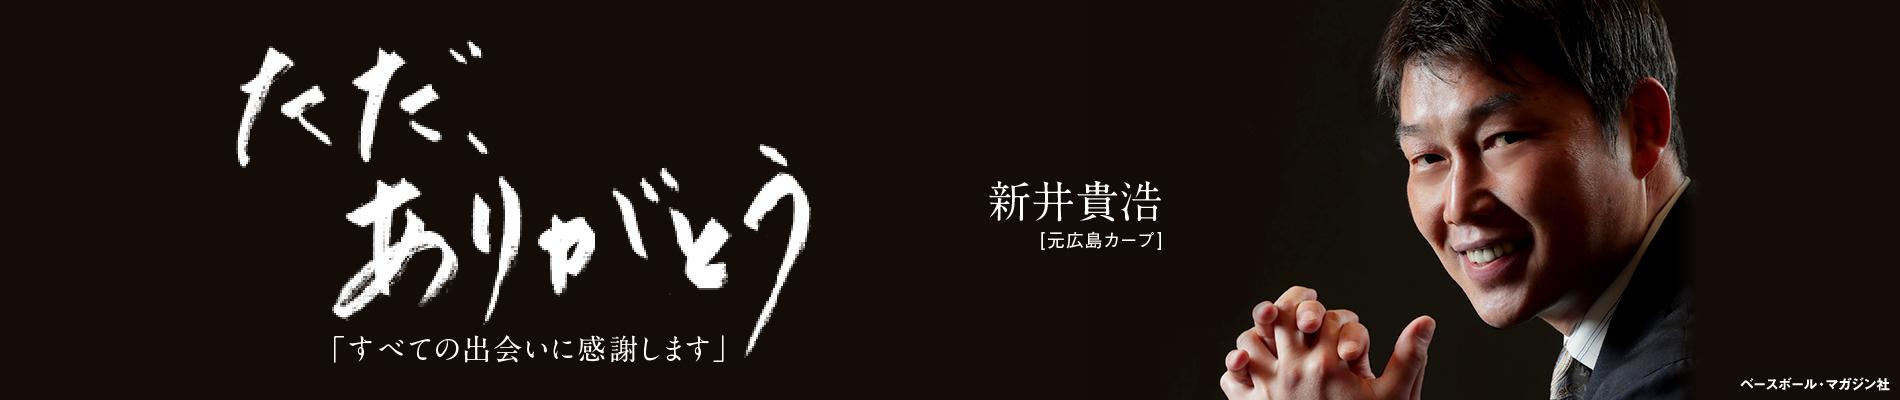 新井貴浩・ただありがとう